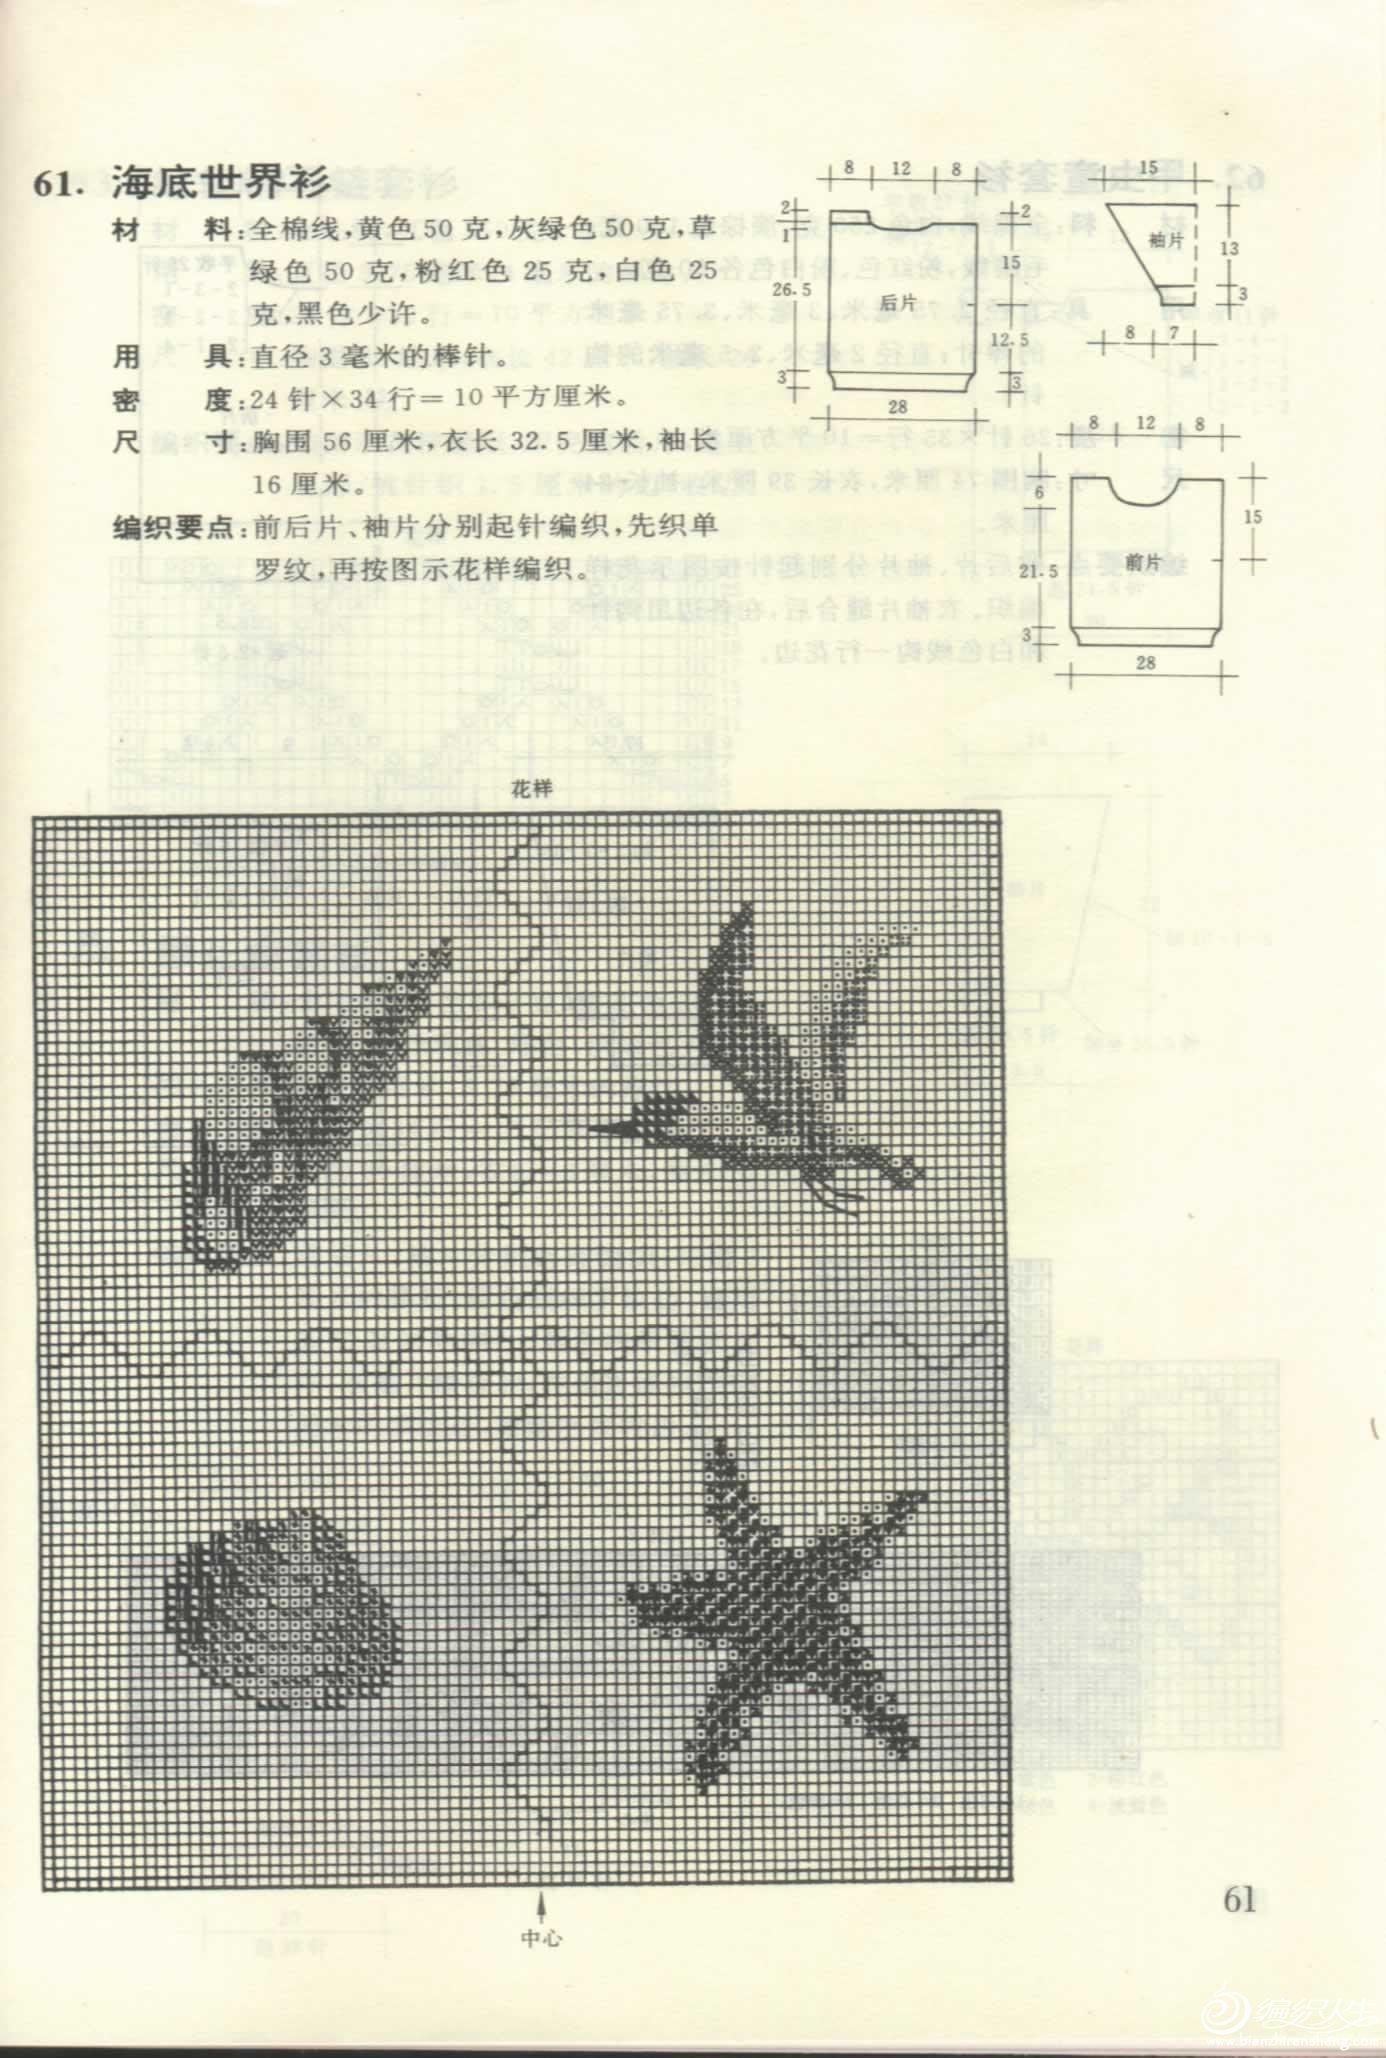 33_24802.jpg